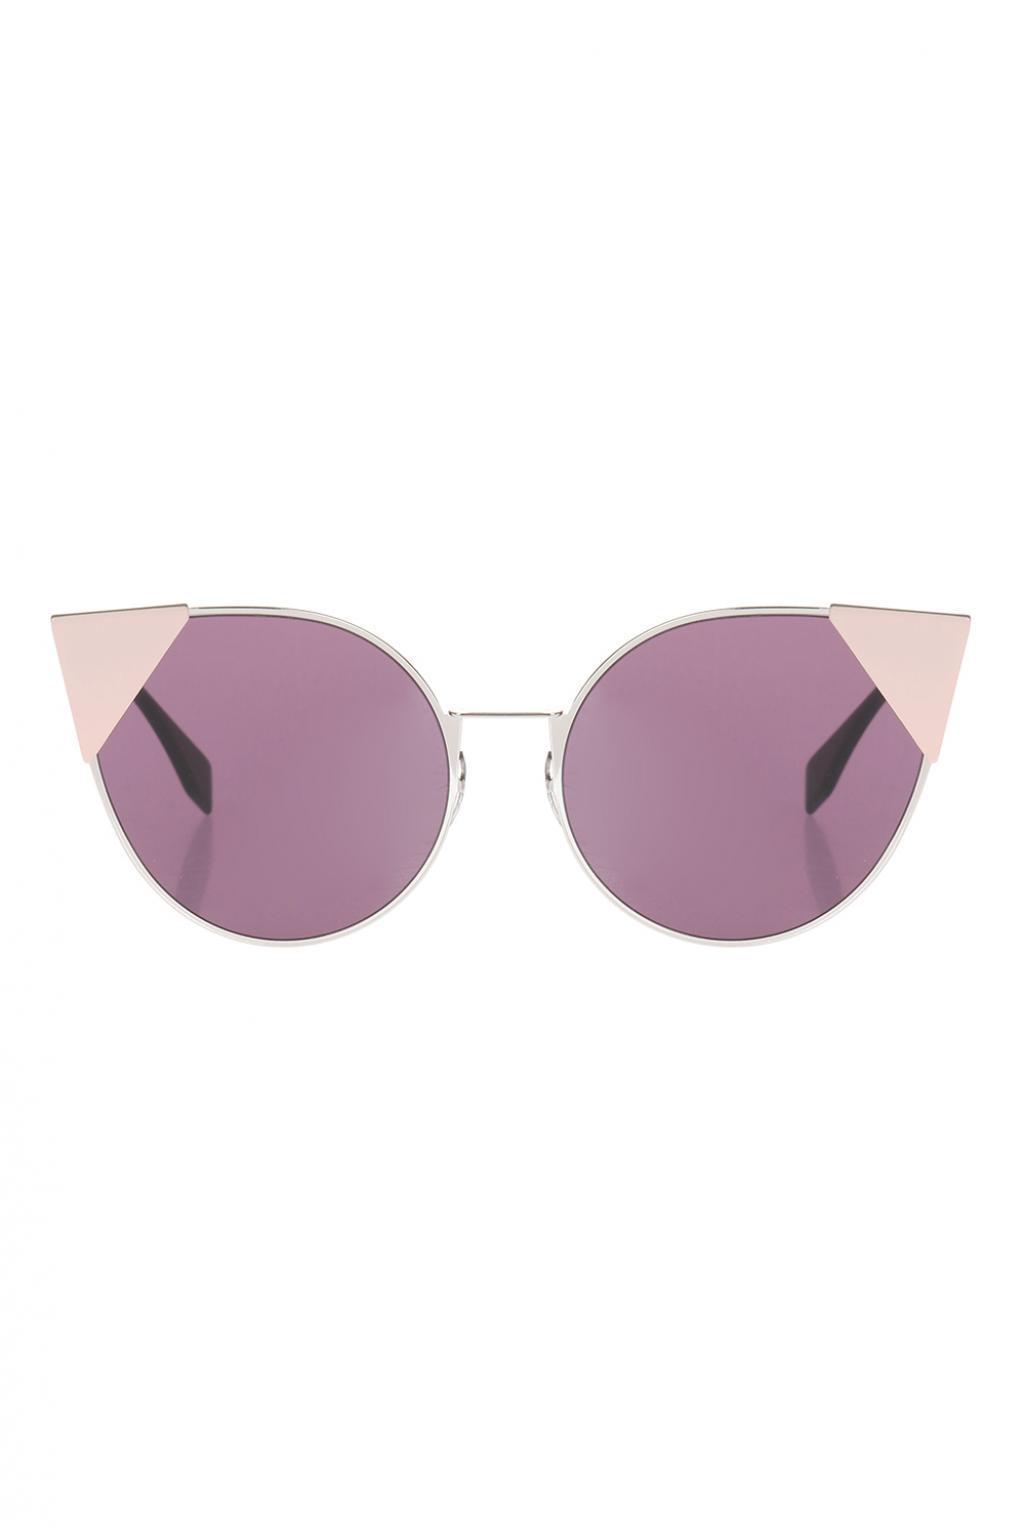 797f8db6a3b Lyst - Fendi  lei  Sunglasses in Purple